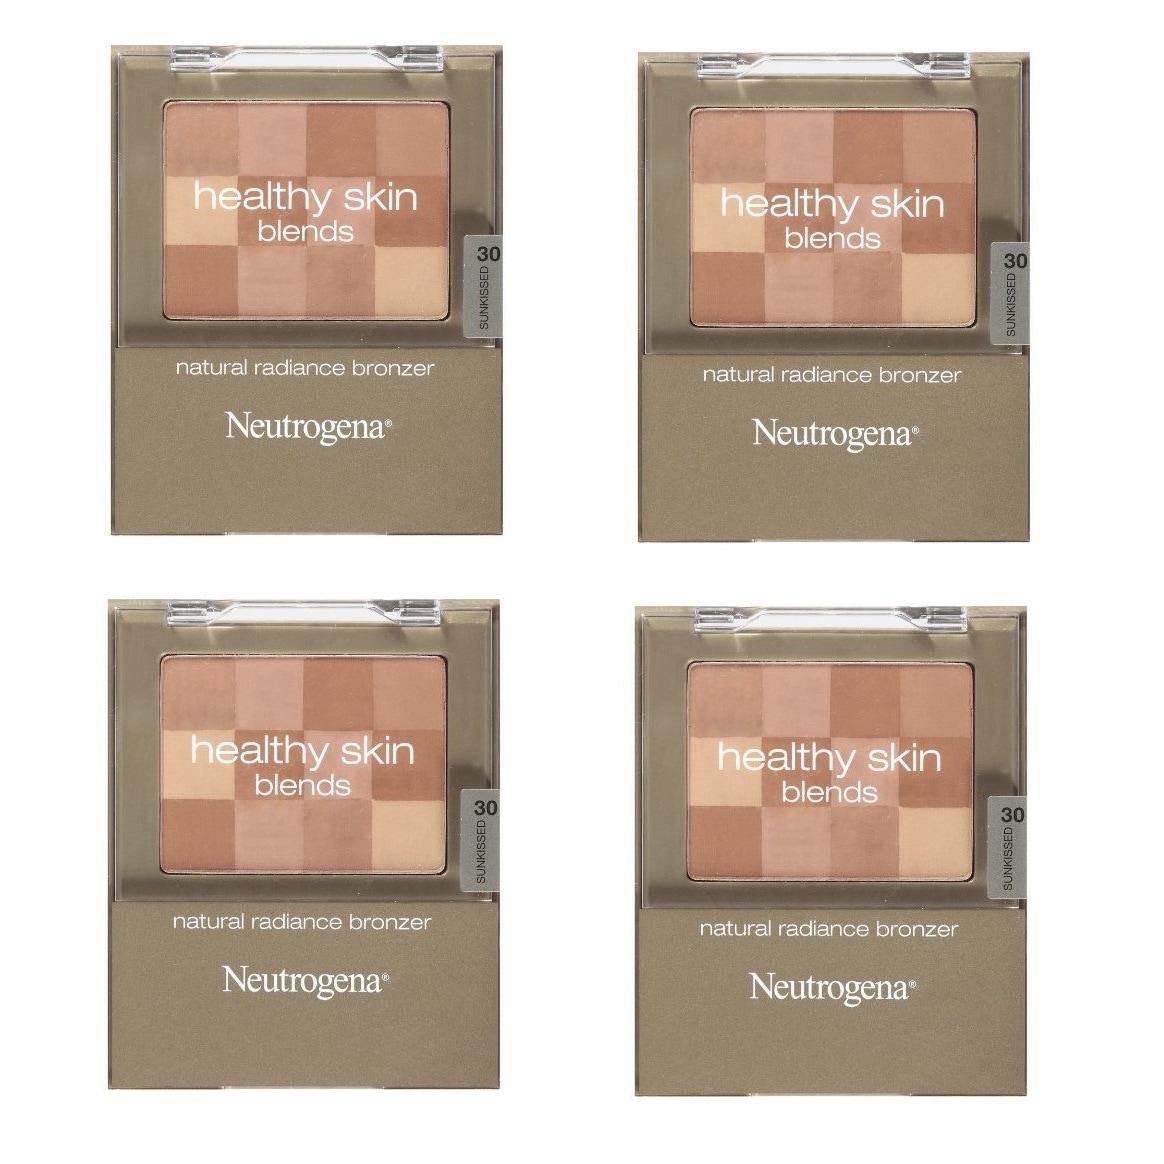 Neutrogena Skin Blends Natural Radiance Sunkissed Bronzer...